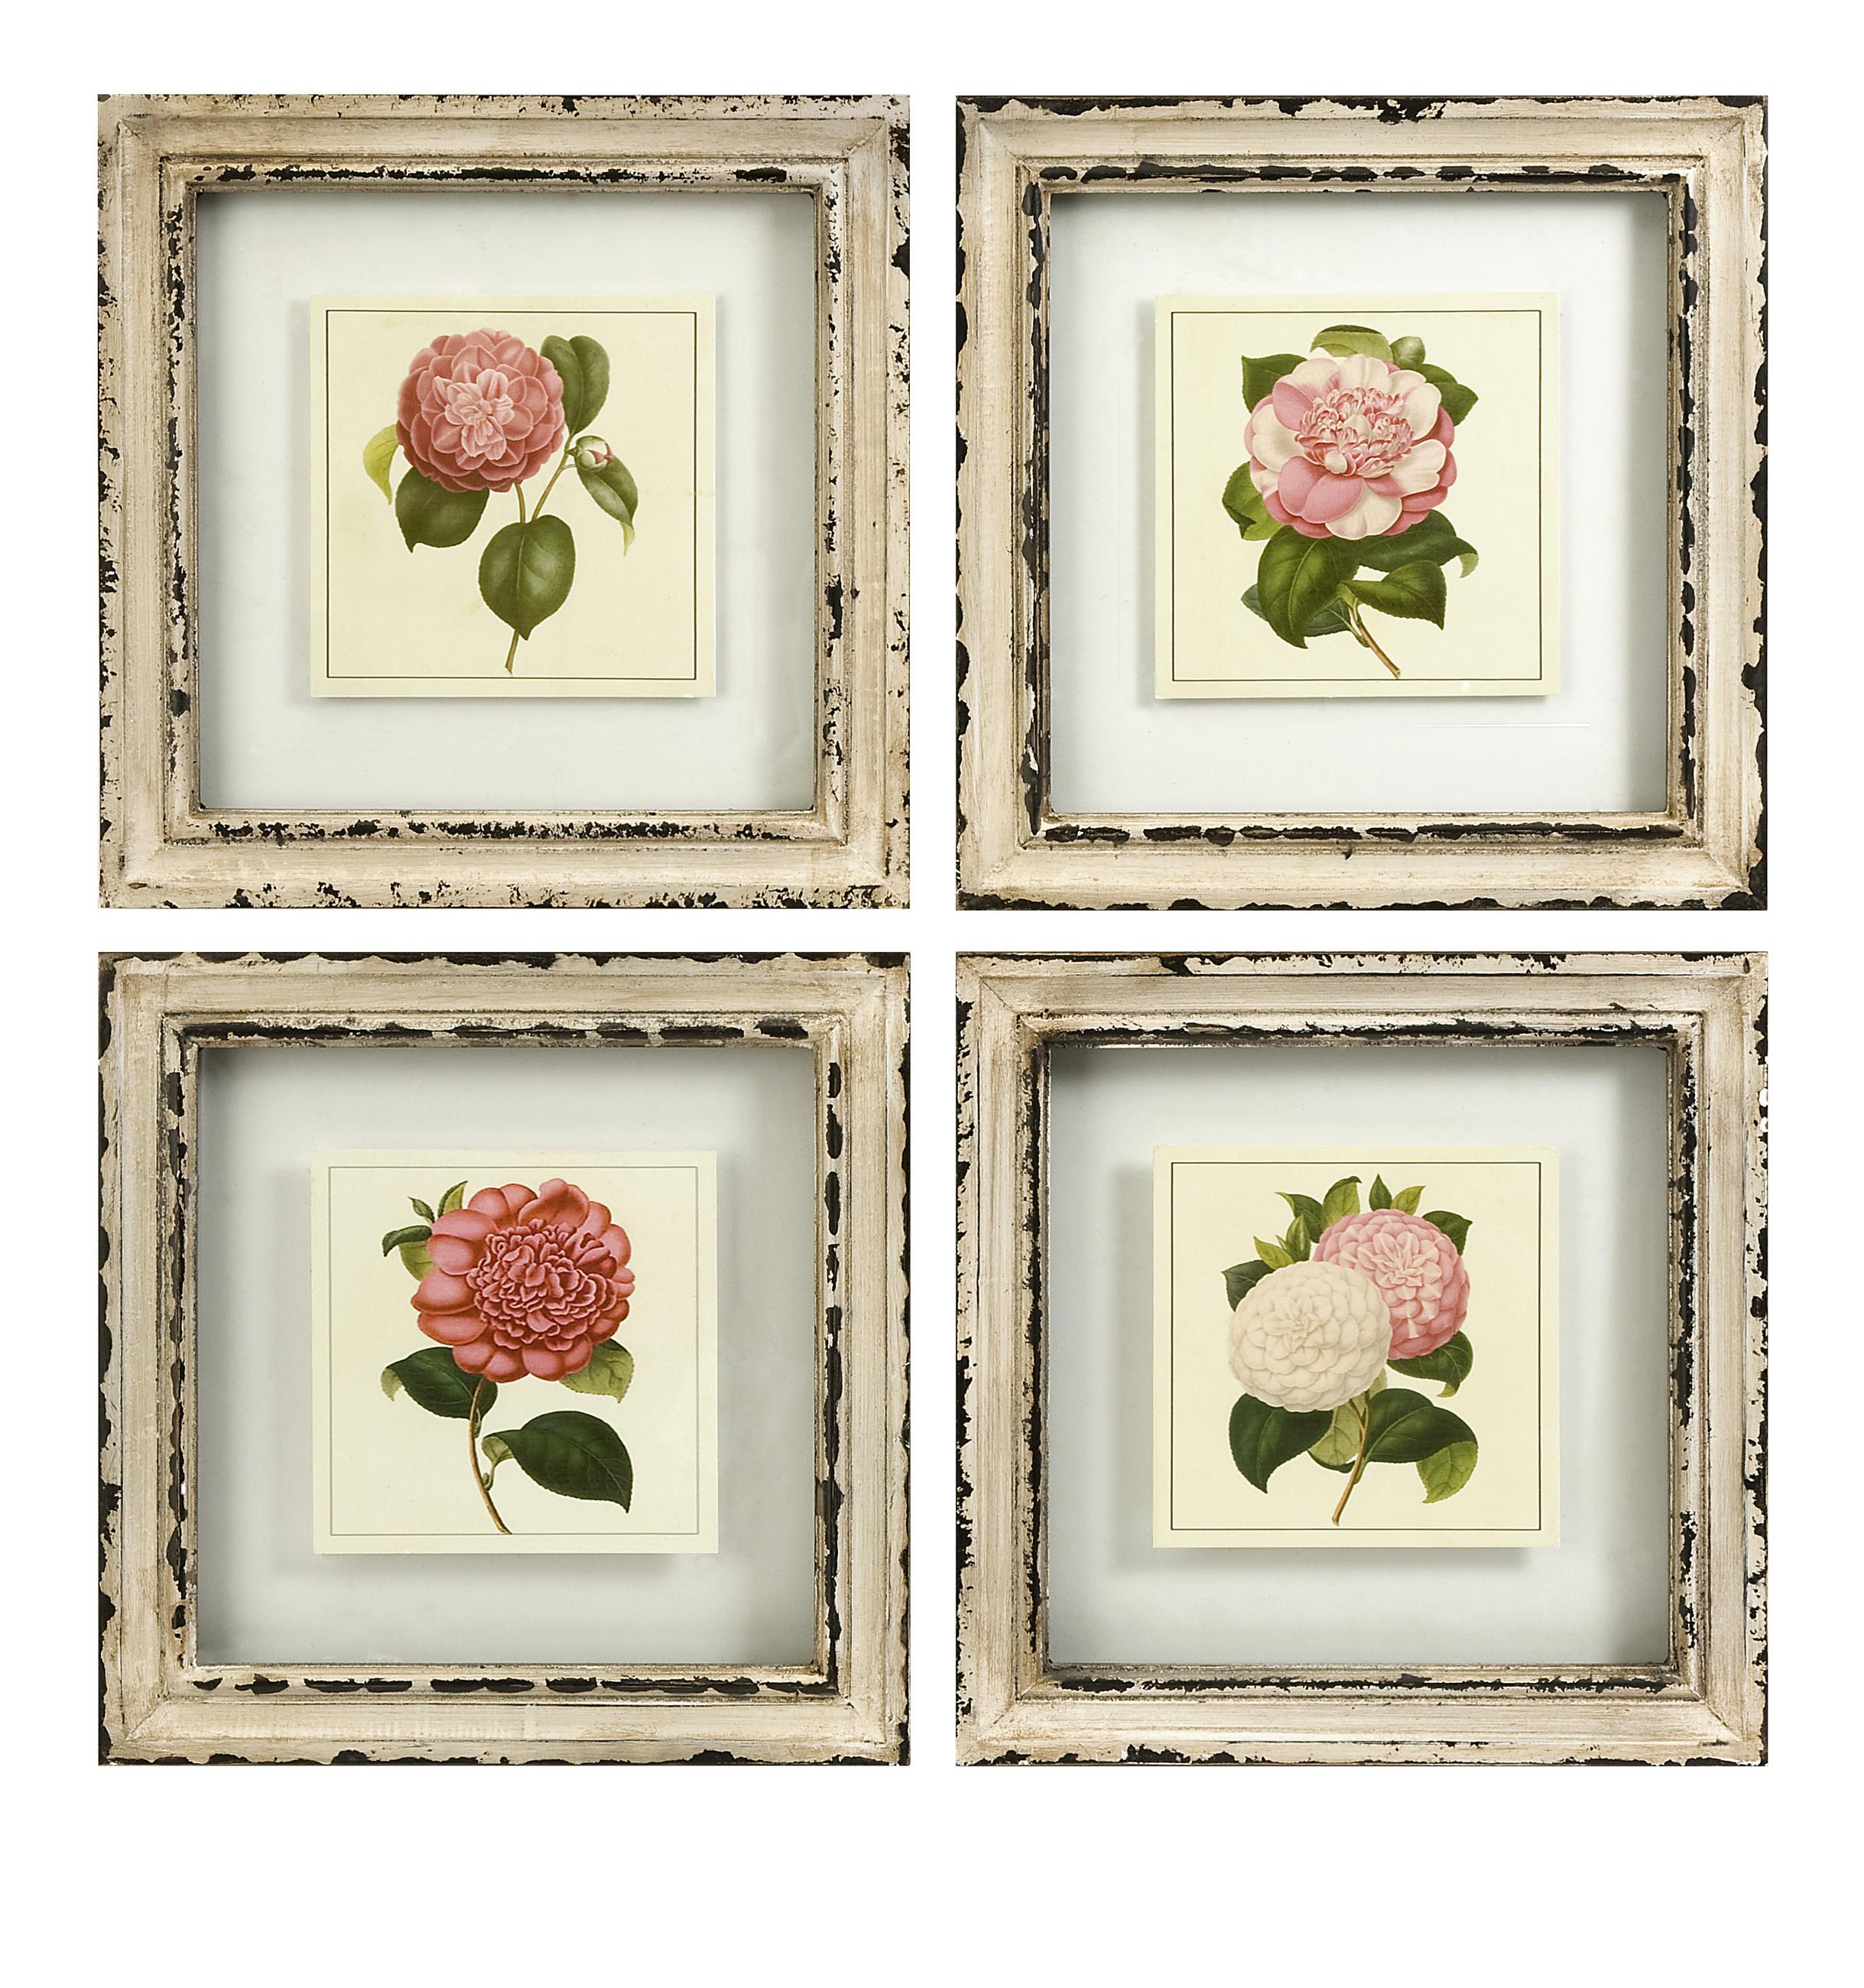 Artistic Styled Lynette Framed Artwork - Set of 4